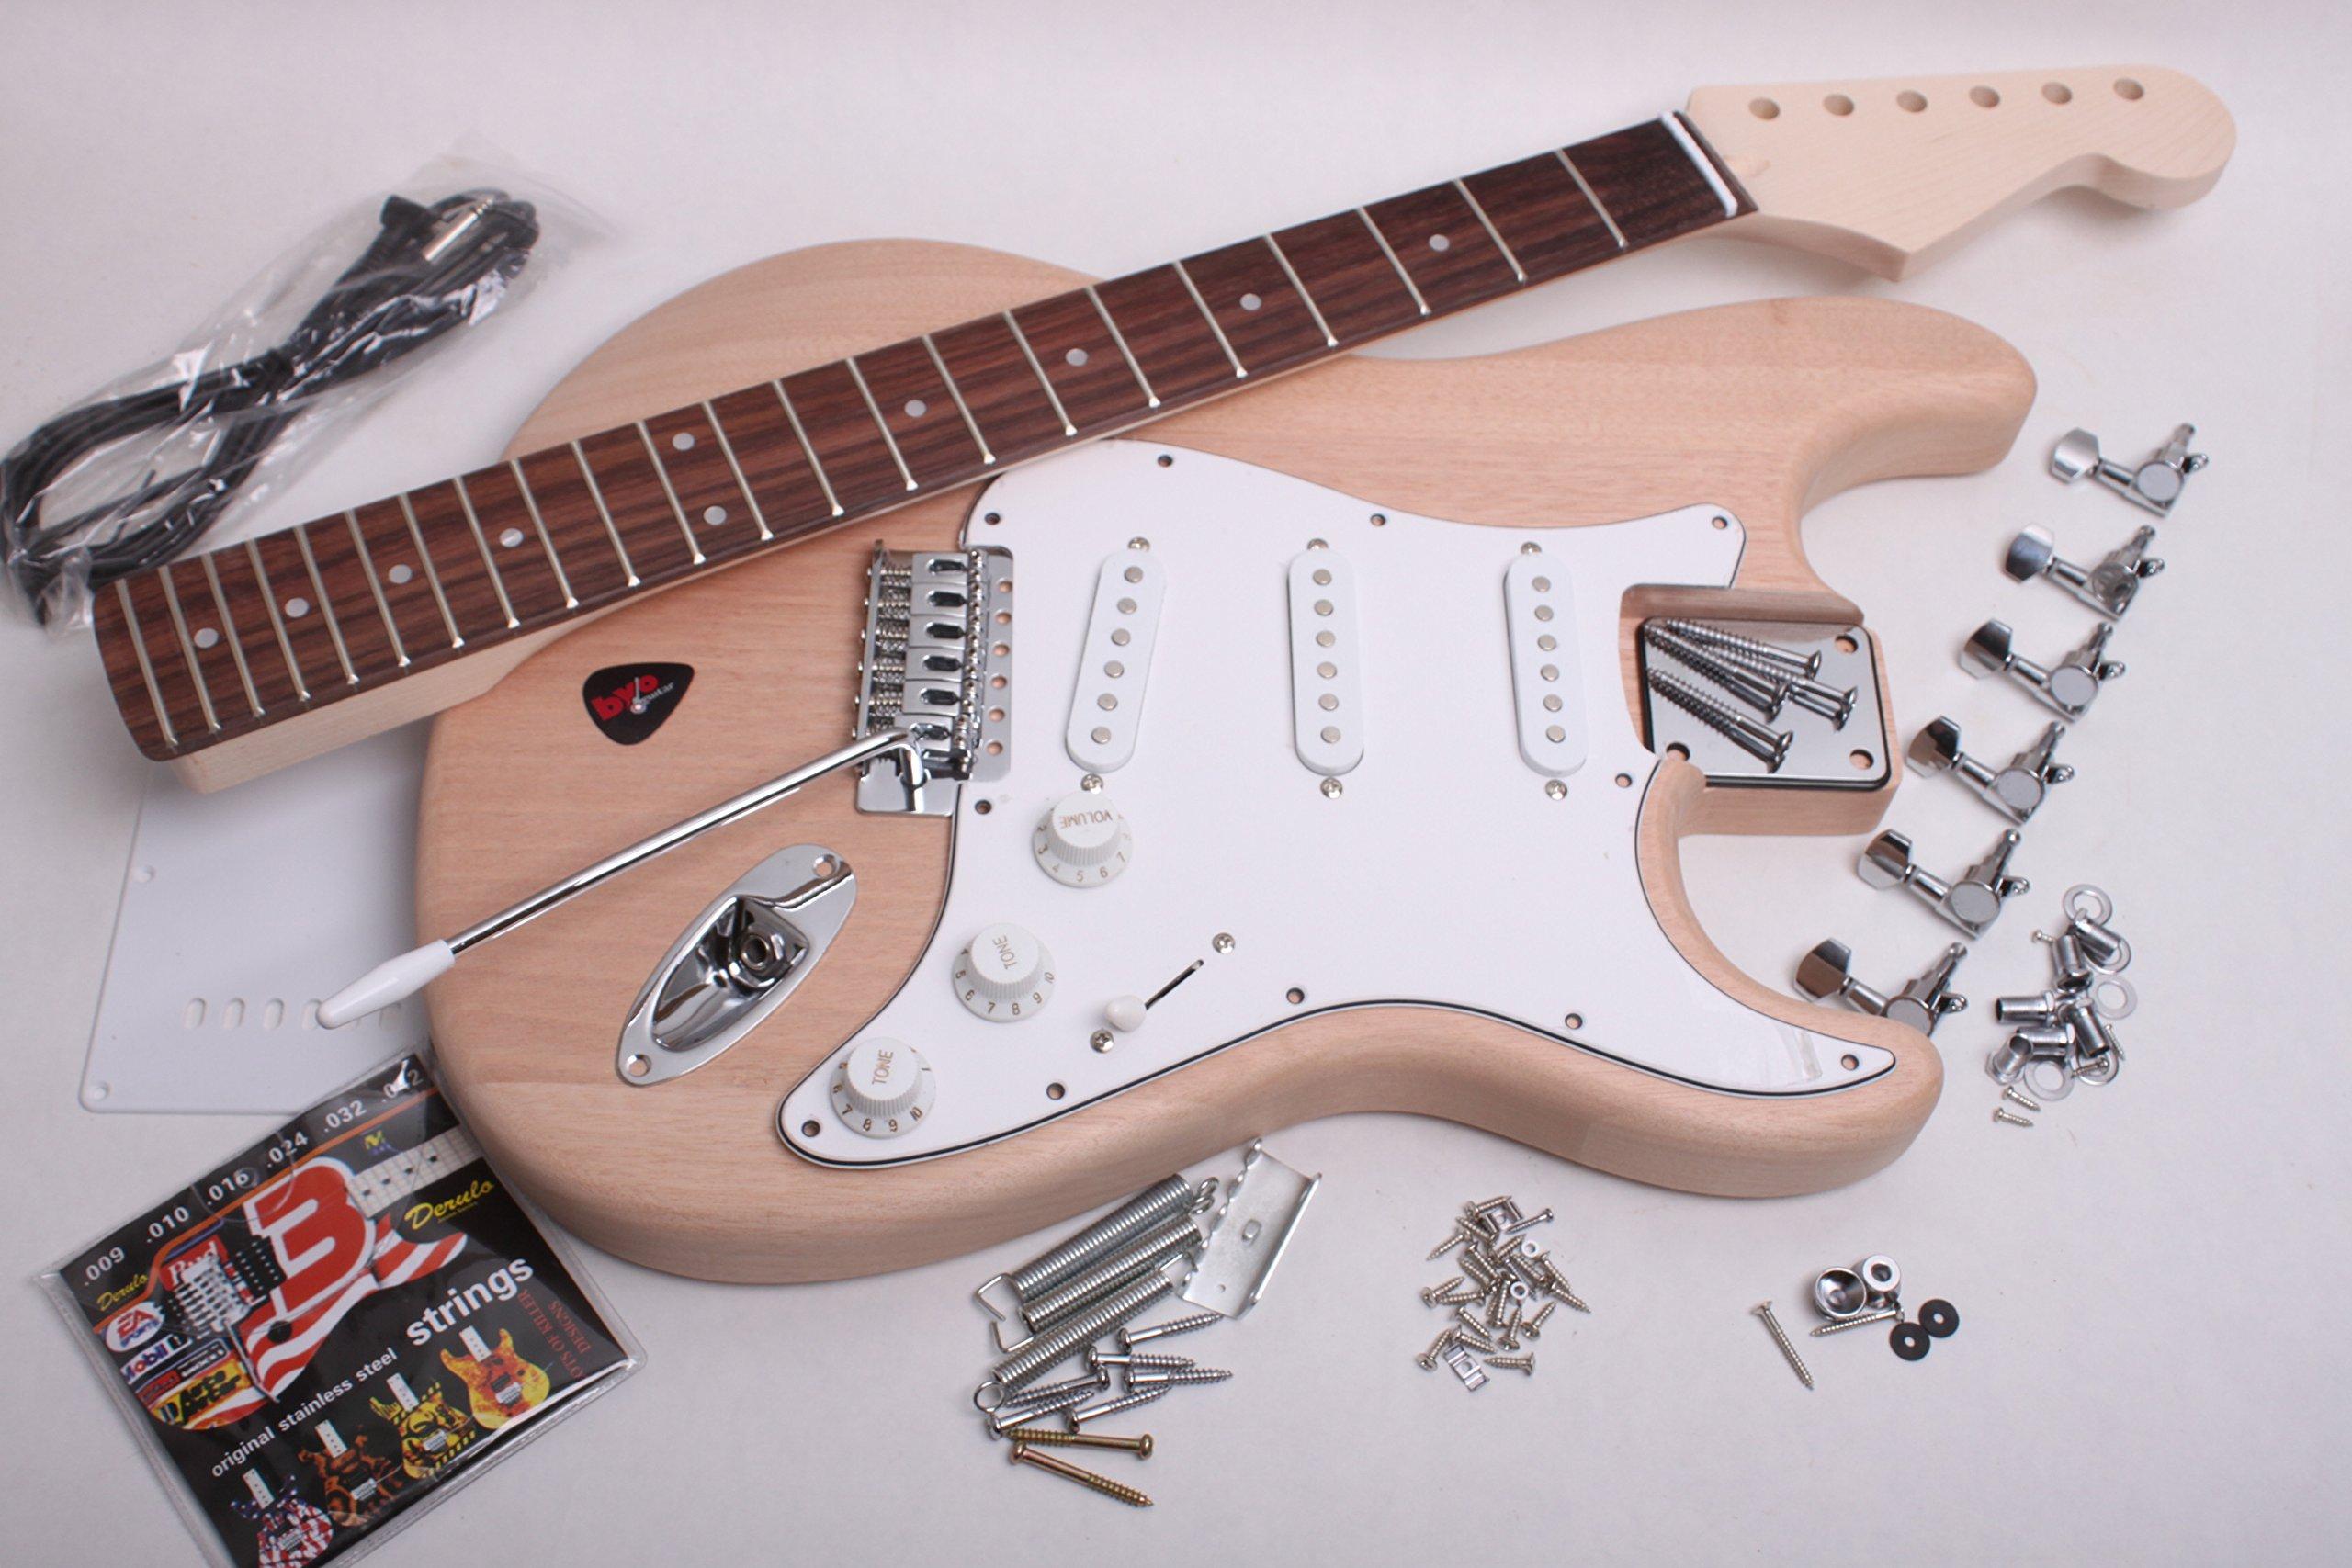 Strat Electric Guitar Kit